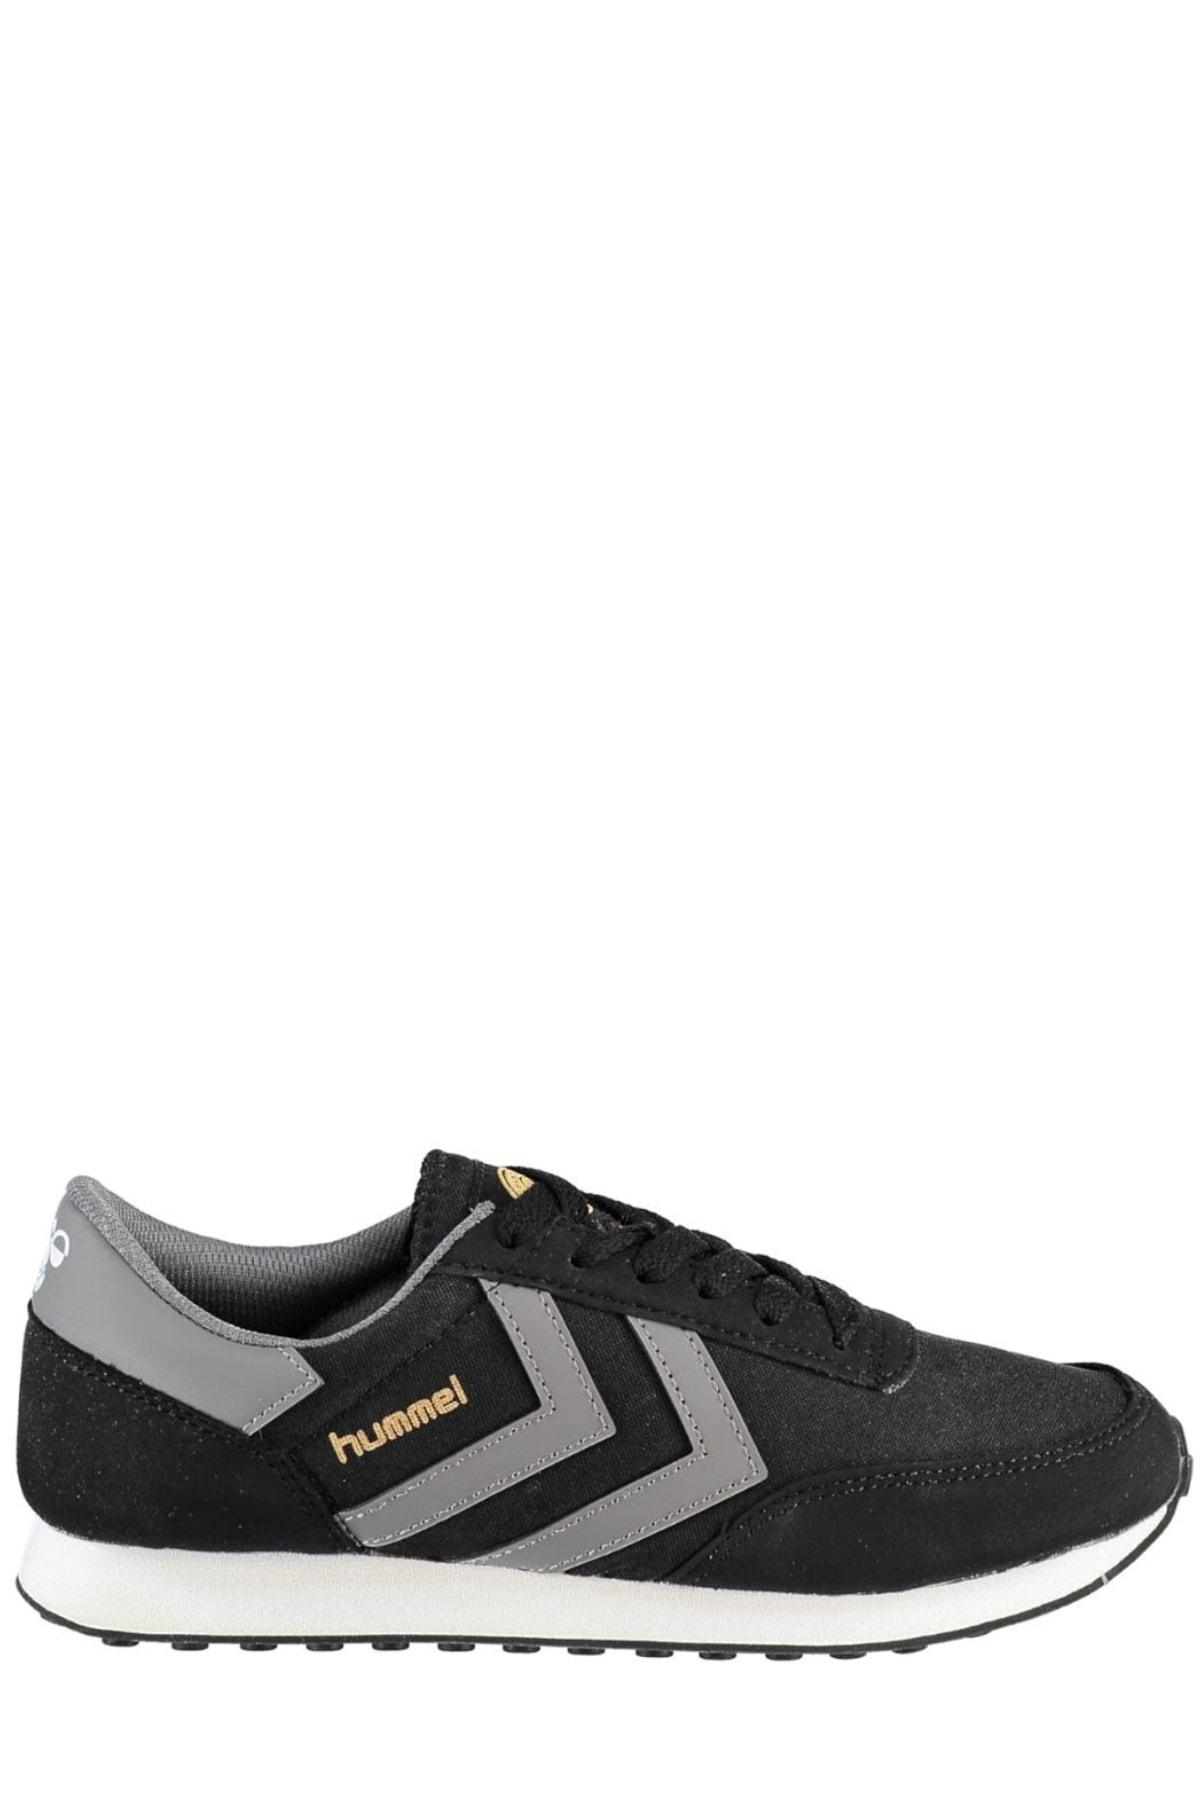 HUMMEL Hmlseventyone Unisex Spor Ayakkabı 211358-2001 1